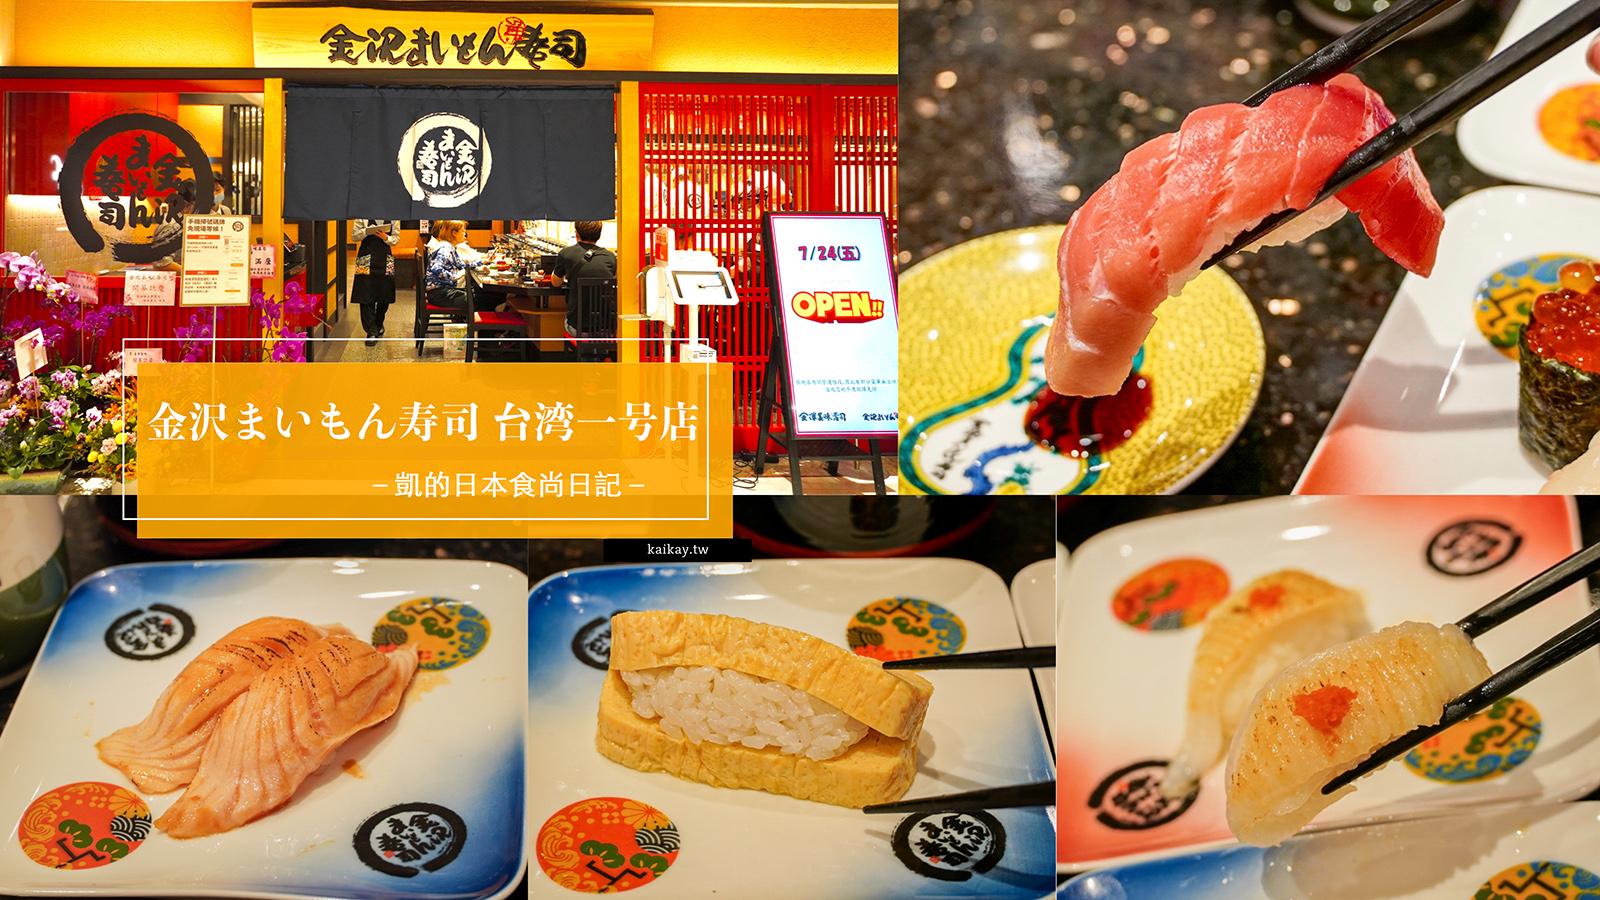 網站近期文章:☆【有片】金沢まいもん寿司 金澤美味壽司真的美味嗎?感想老實說